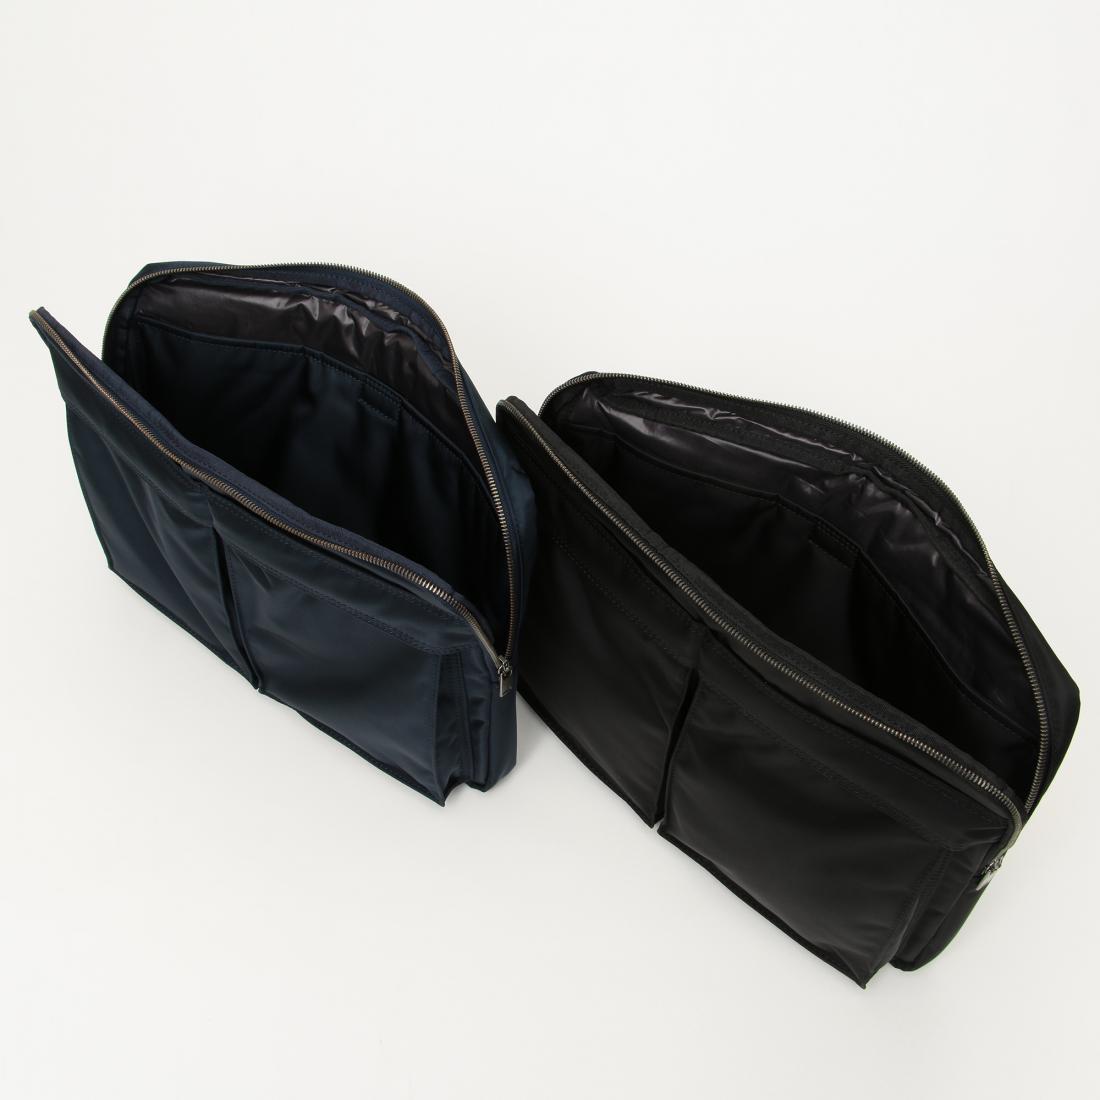 Porter Clutch Bag 1216901: Navy, Black